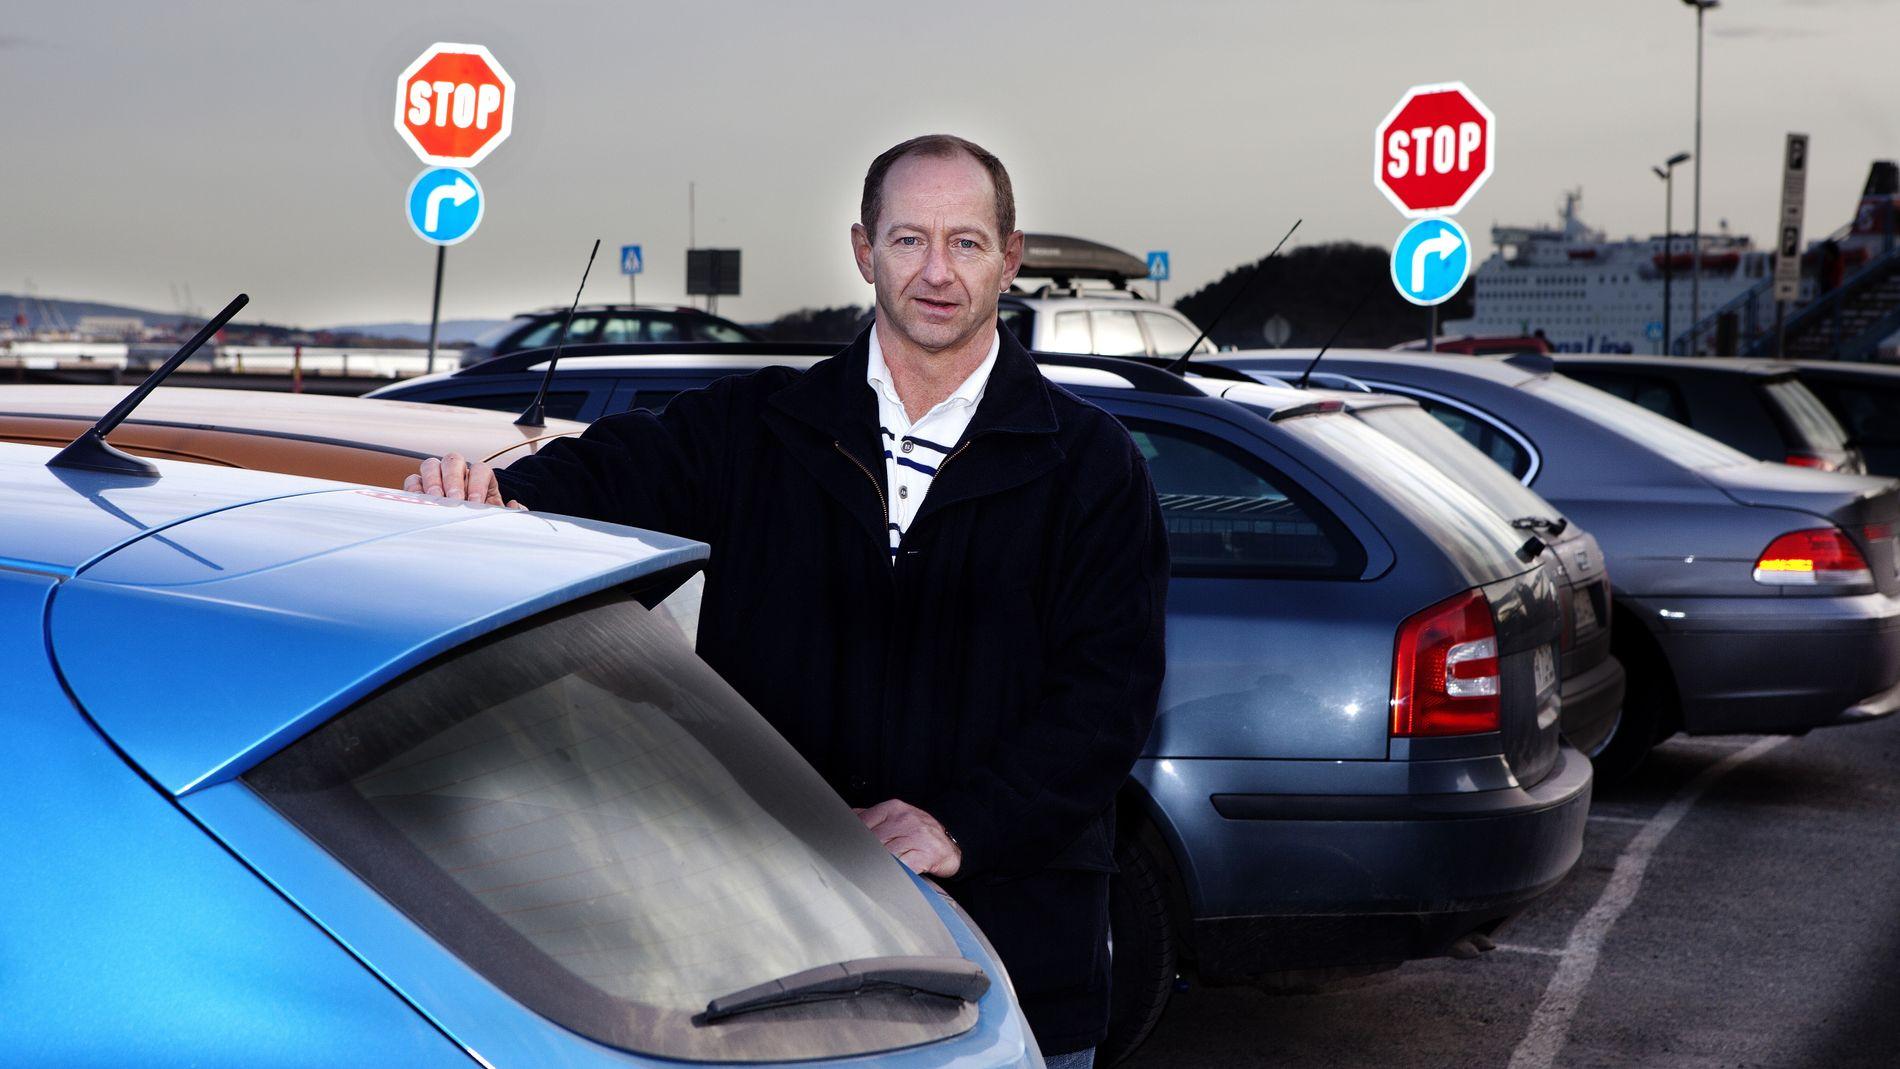 Nye beregninger av hva det koster å eie bil: Elbil er klart billigst